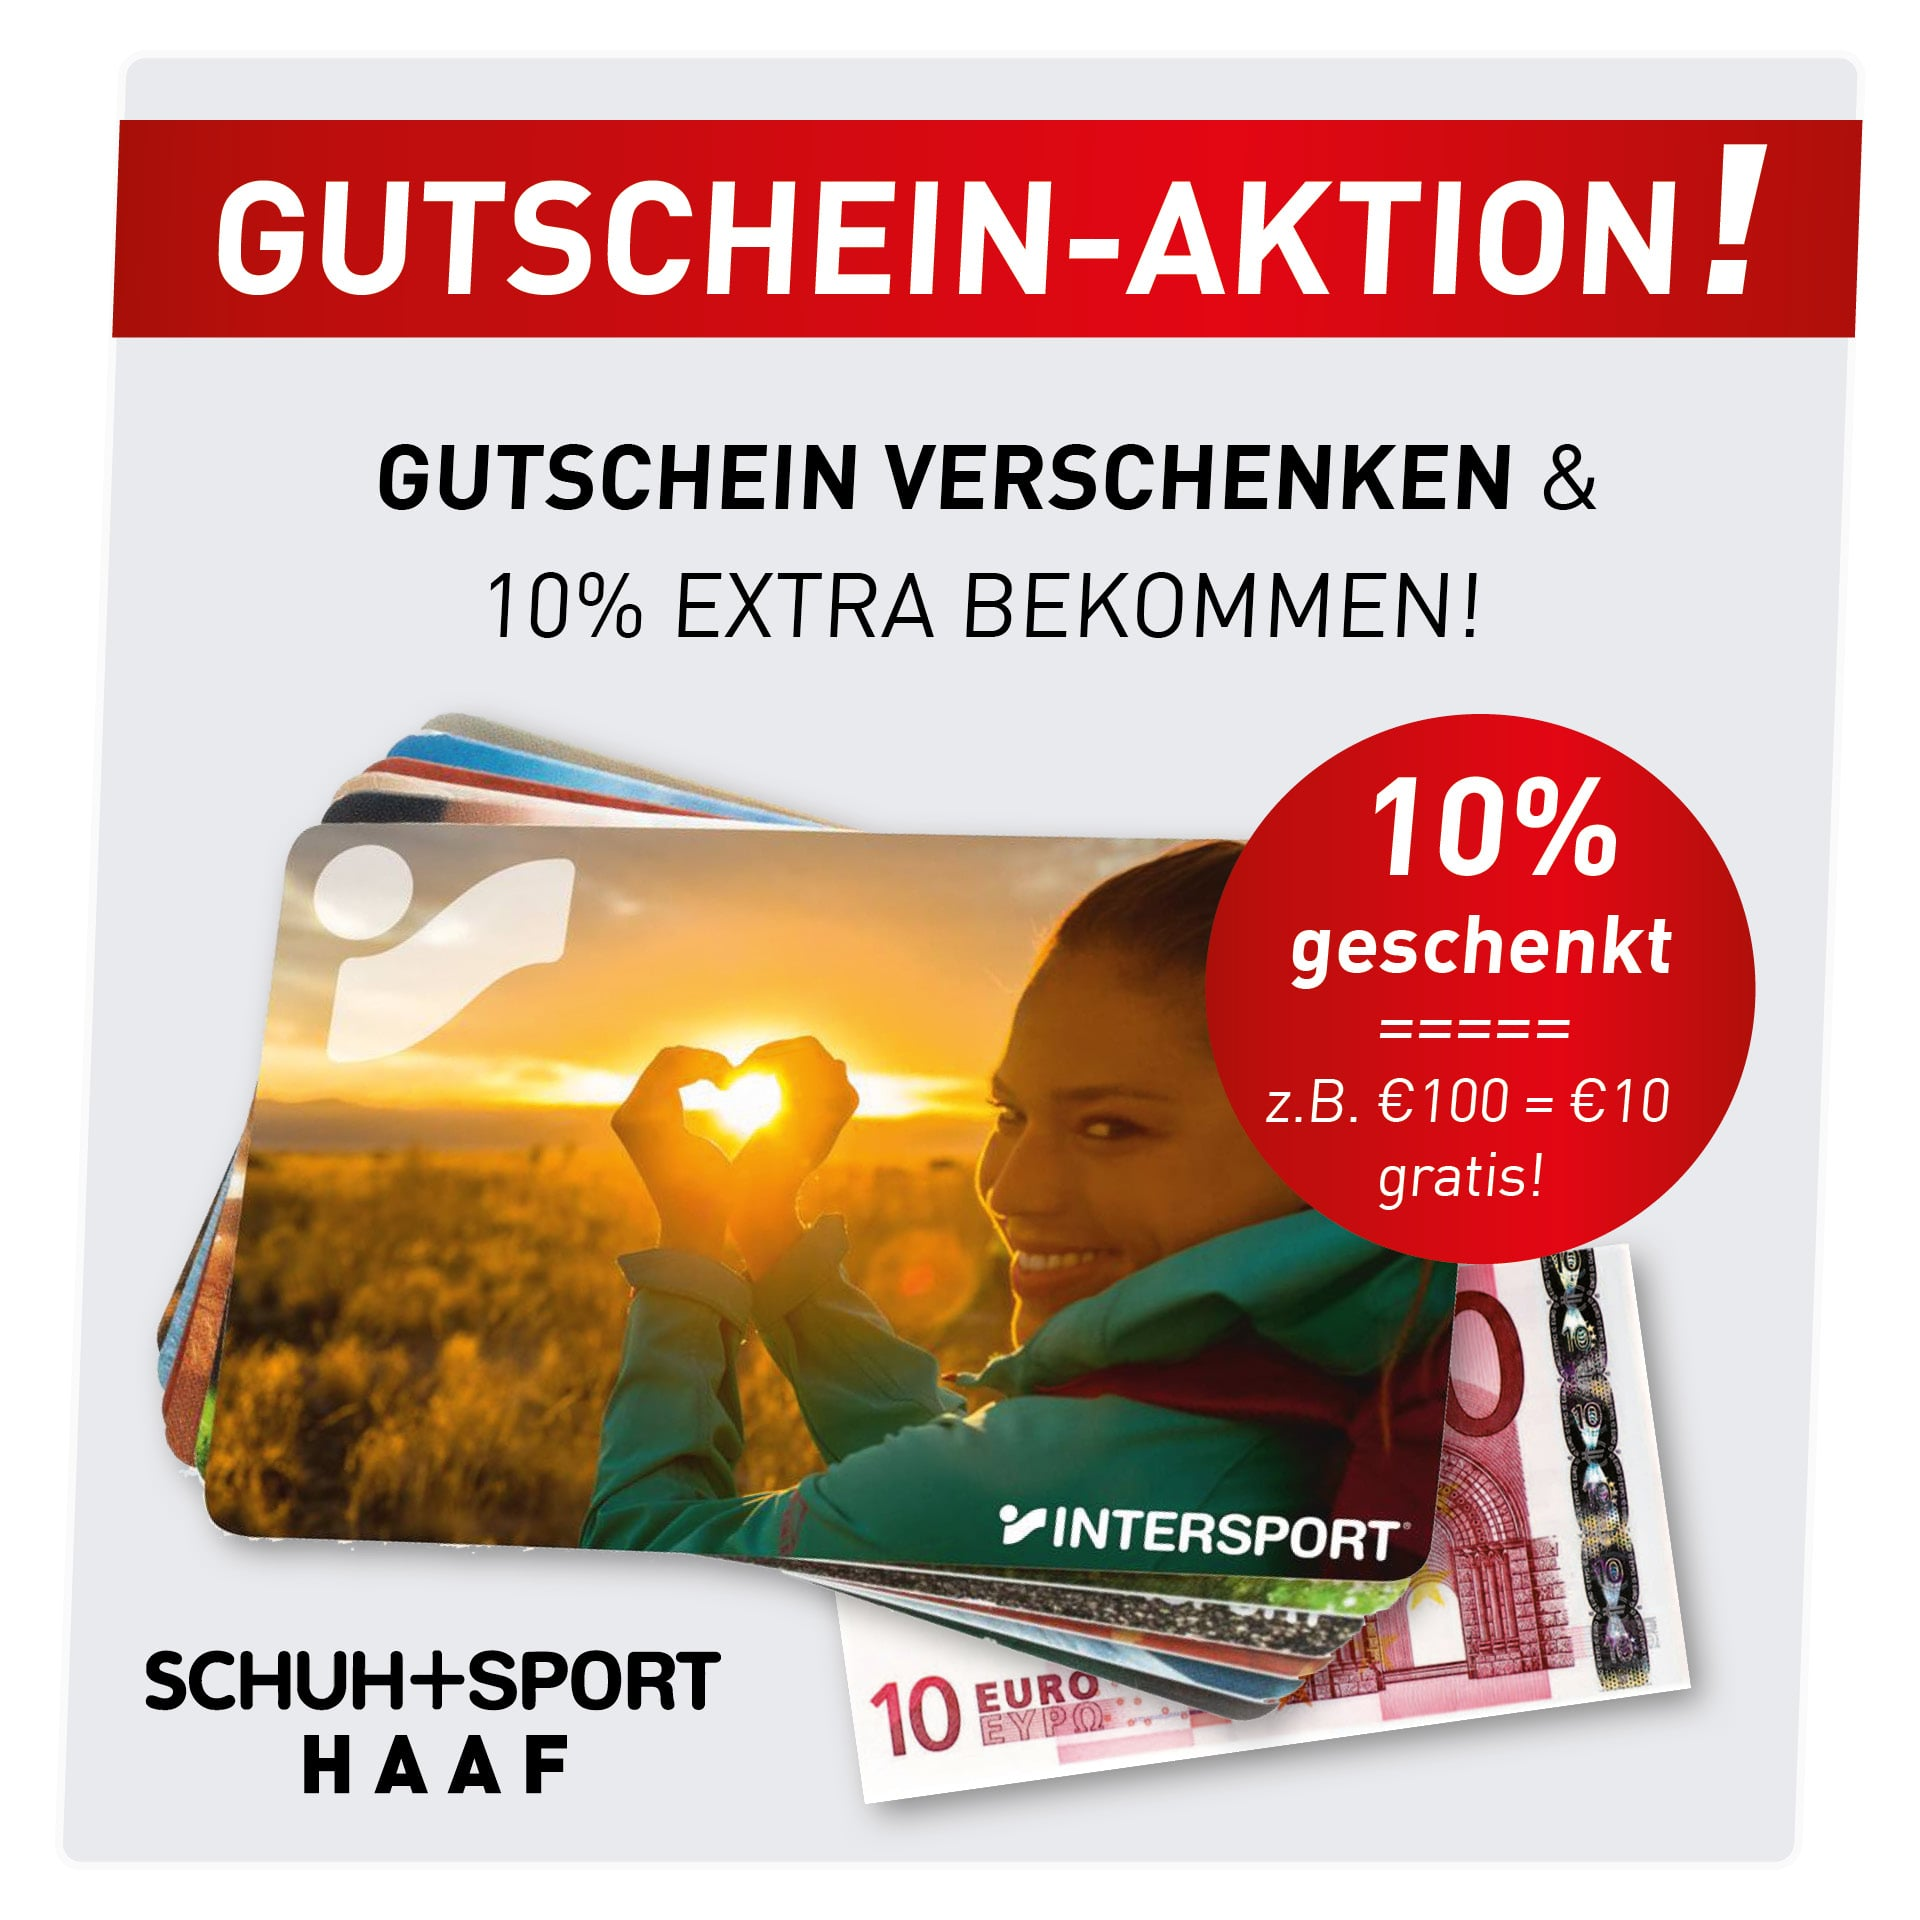 Gutschein-Aktion: 10% gratis dazu!